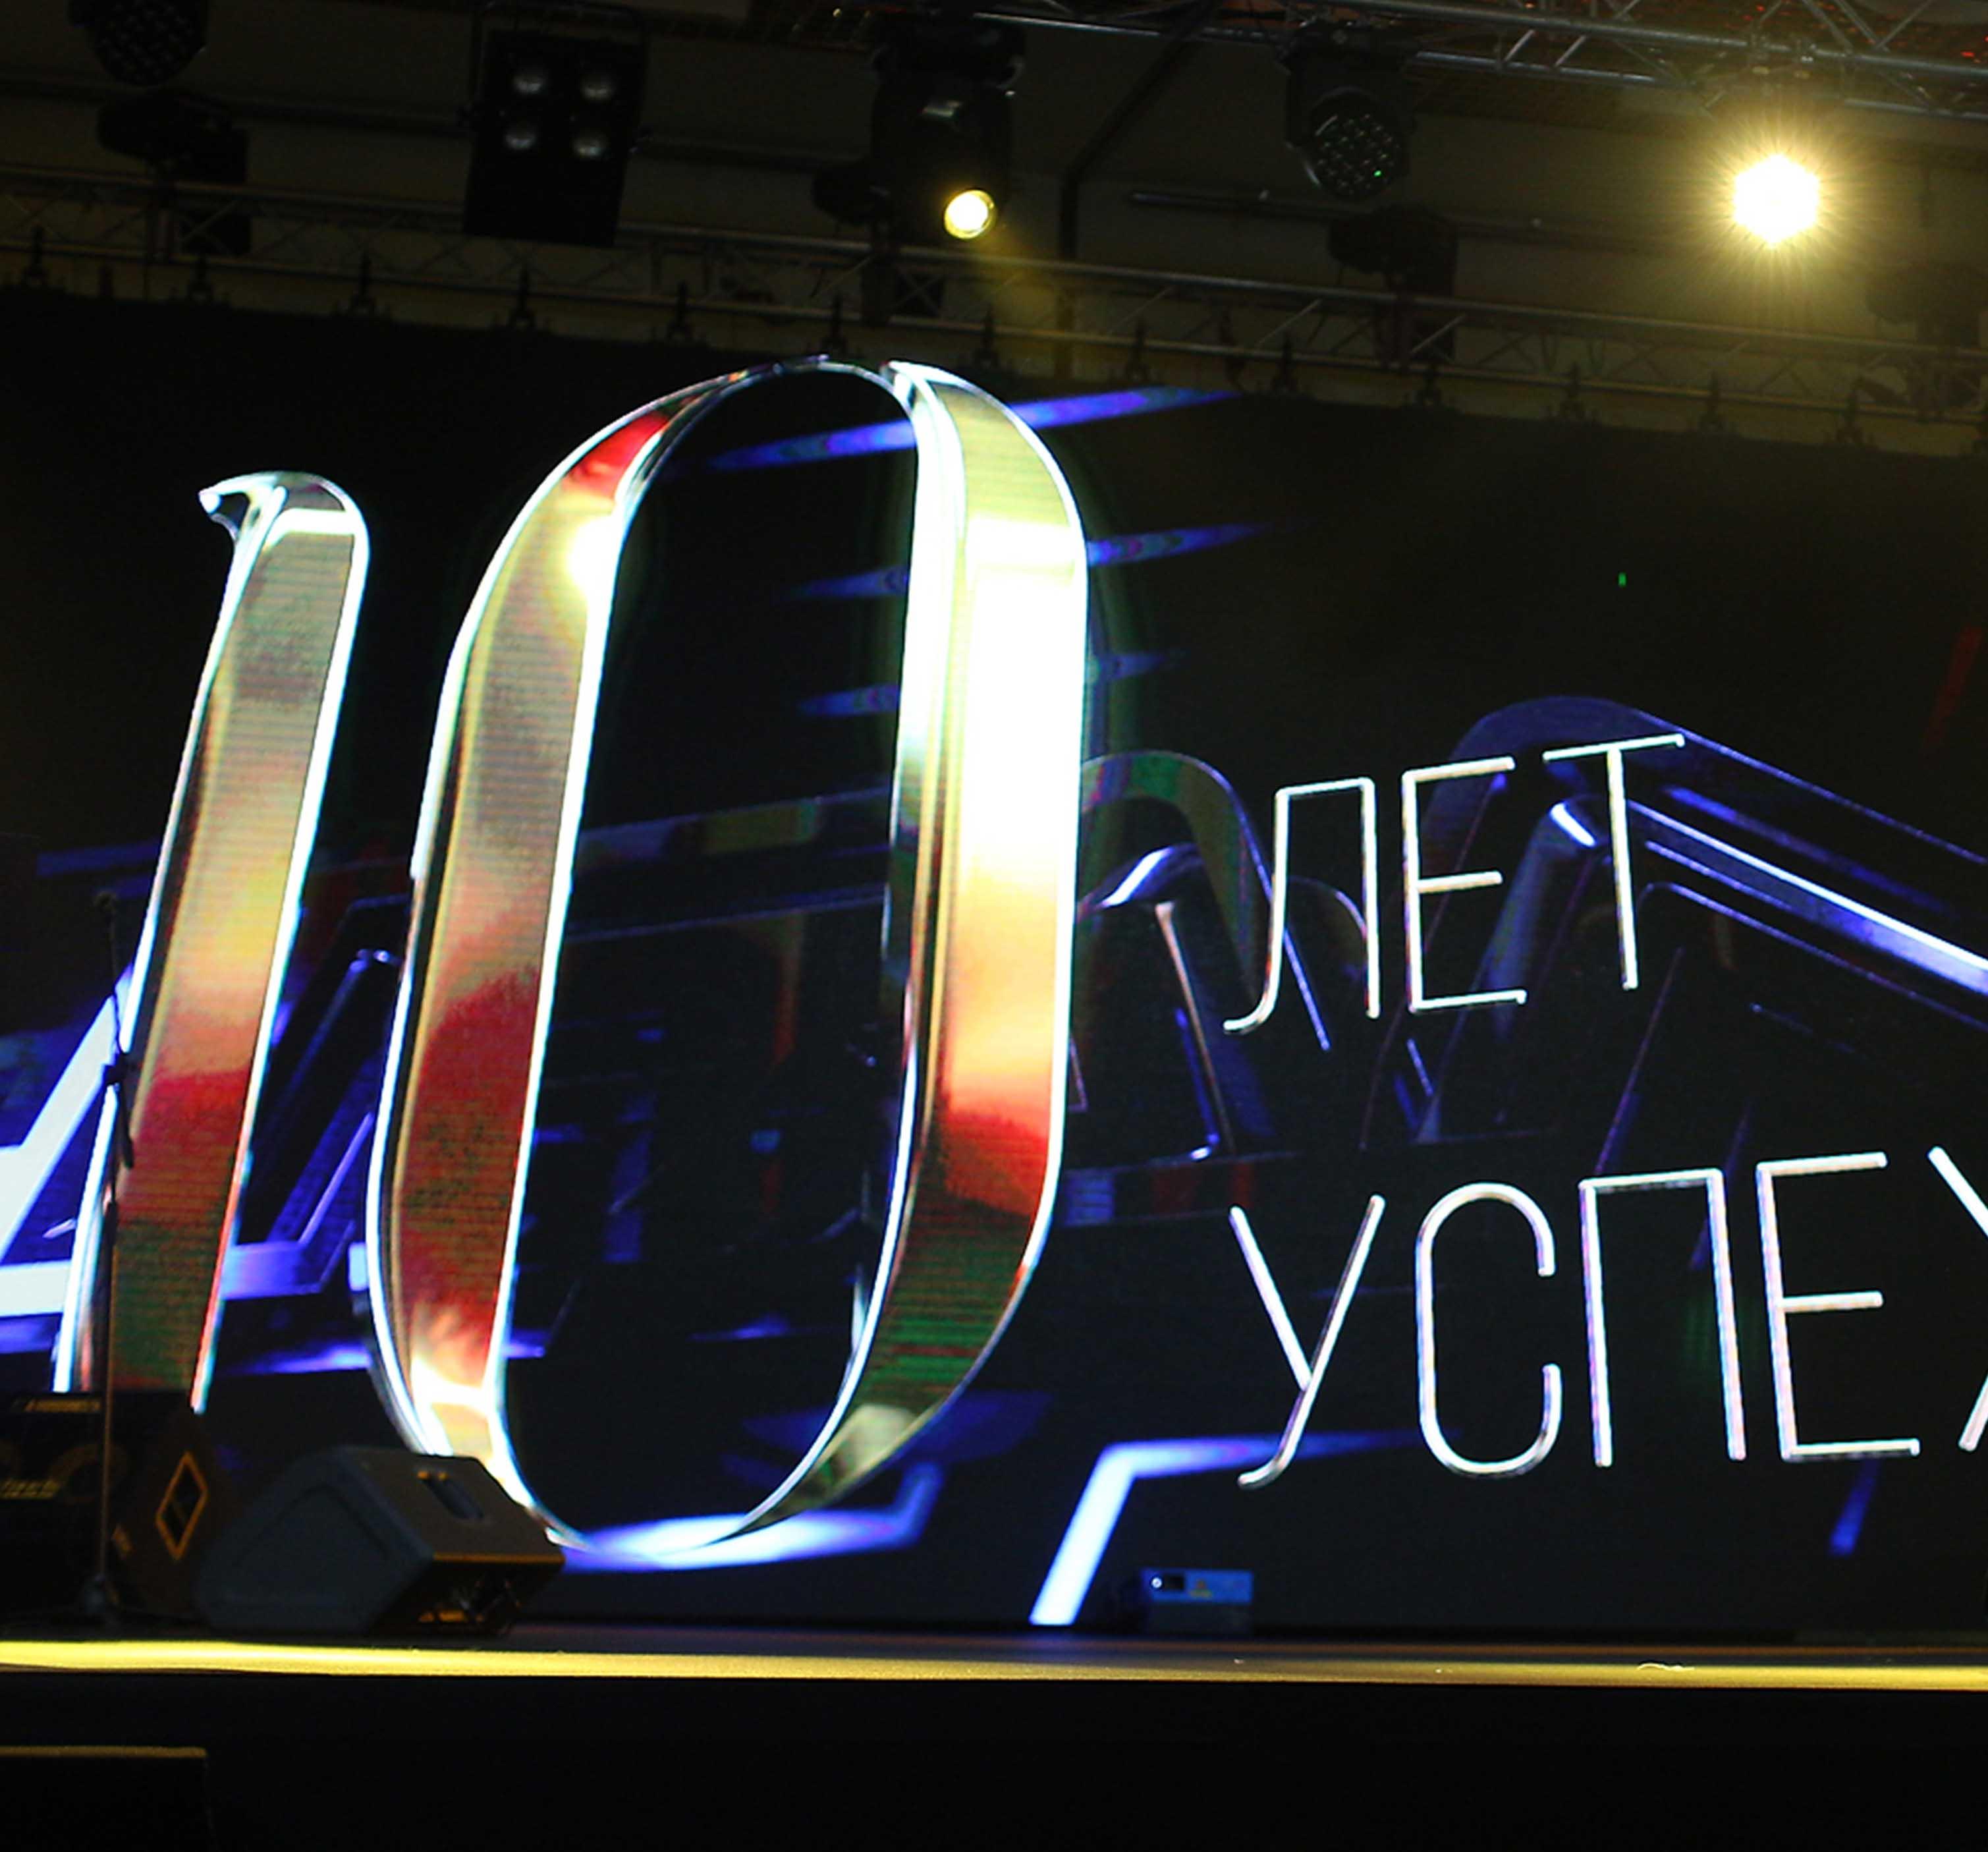 2017力帆俄罗斯十周年庆典活动